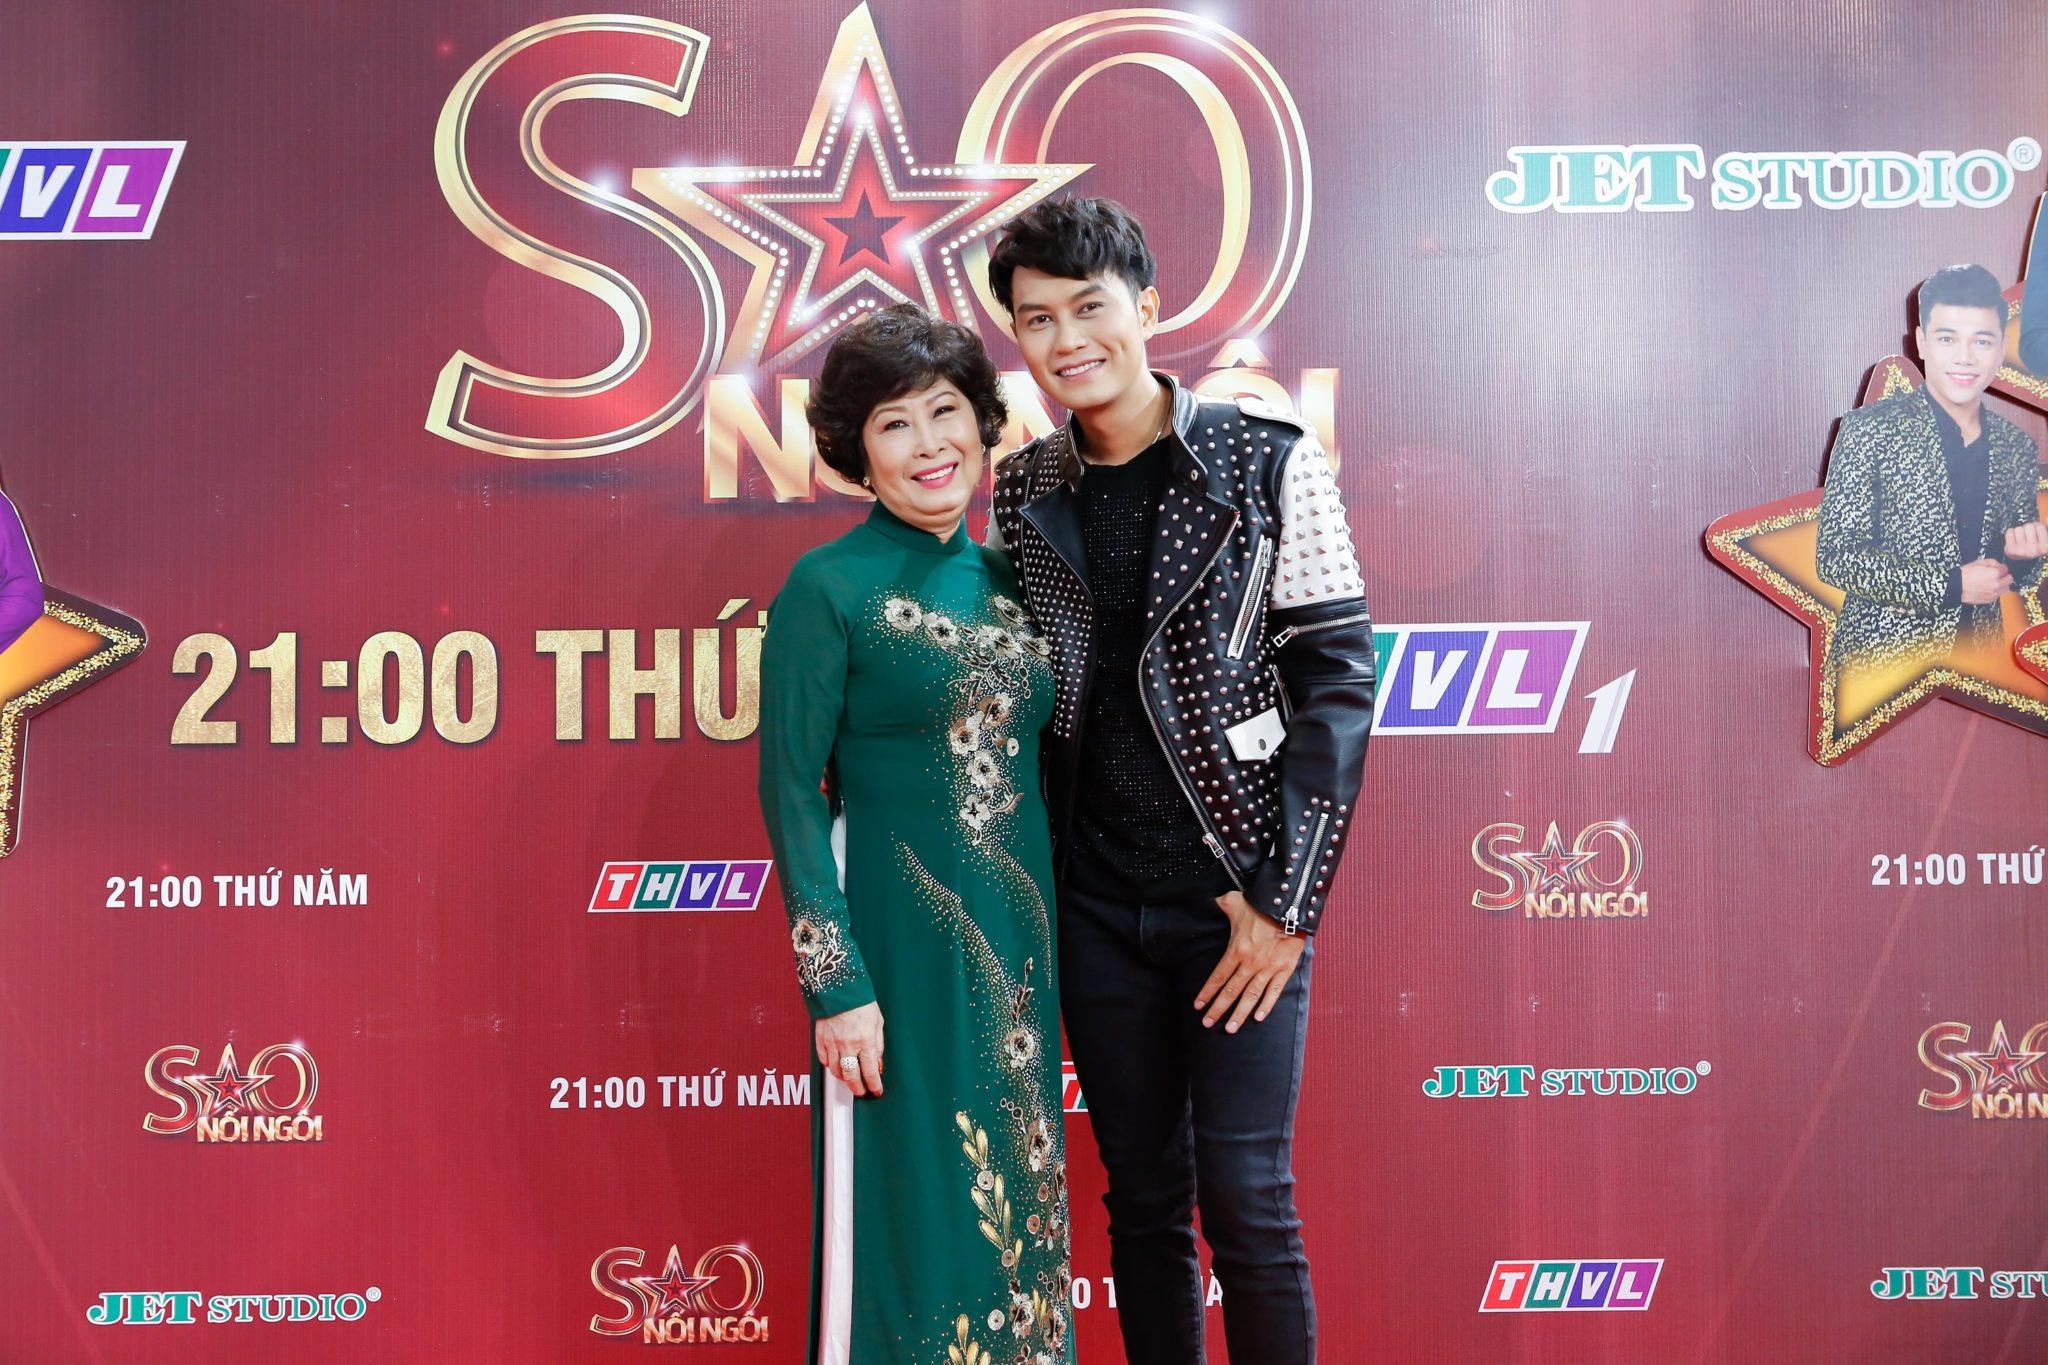 Tong Hao Nhien và me la NS KIm Phuong (4)